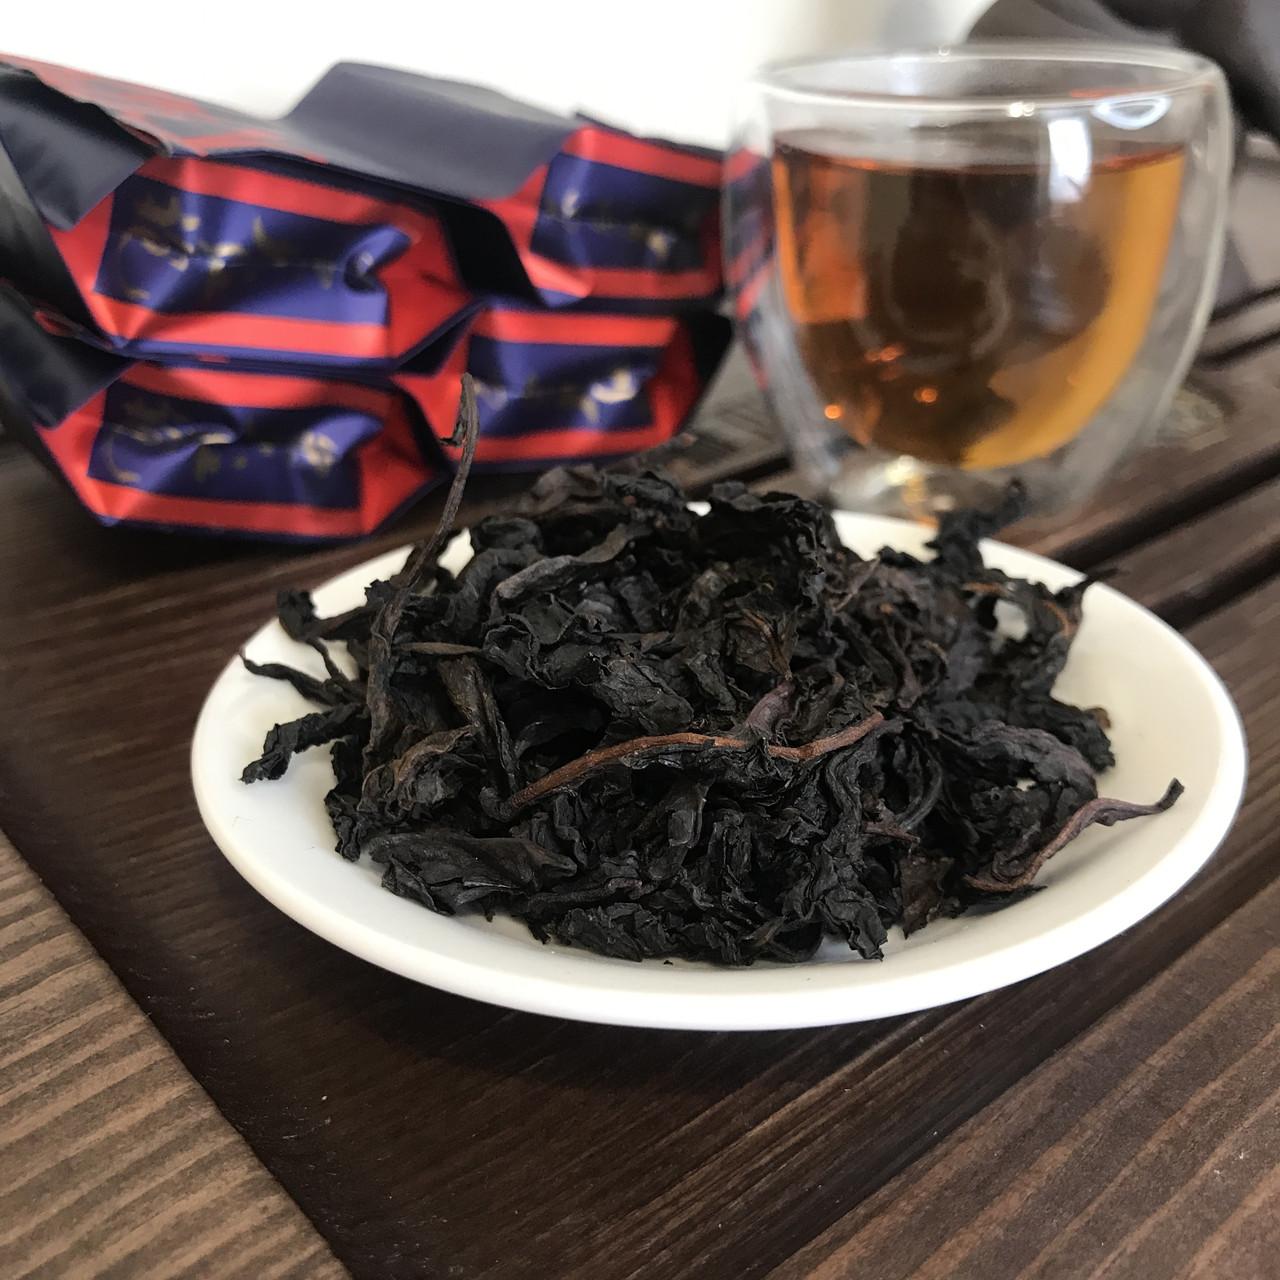 Темний улун порційний Да Хун Пао сильного обжарювання (Уі Шань), 7 г